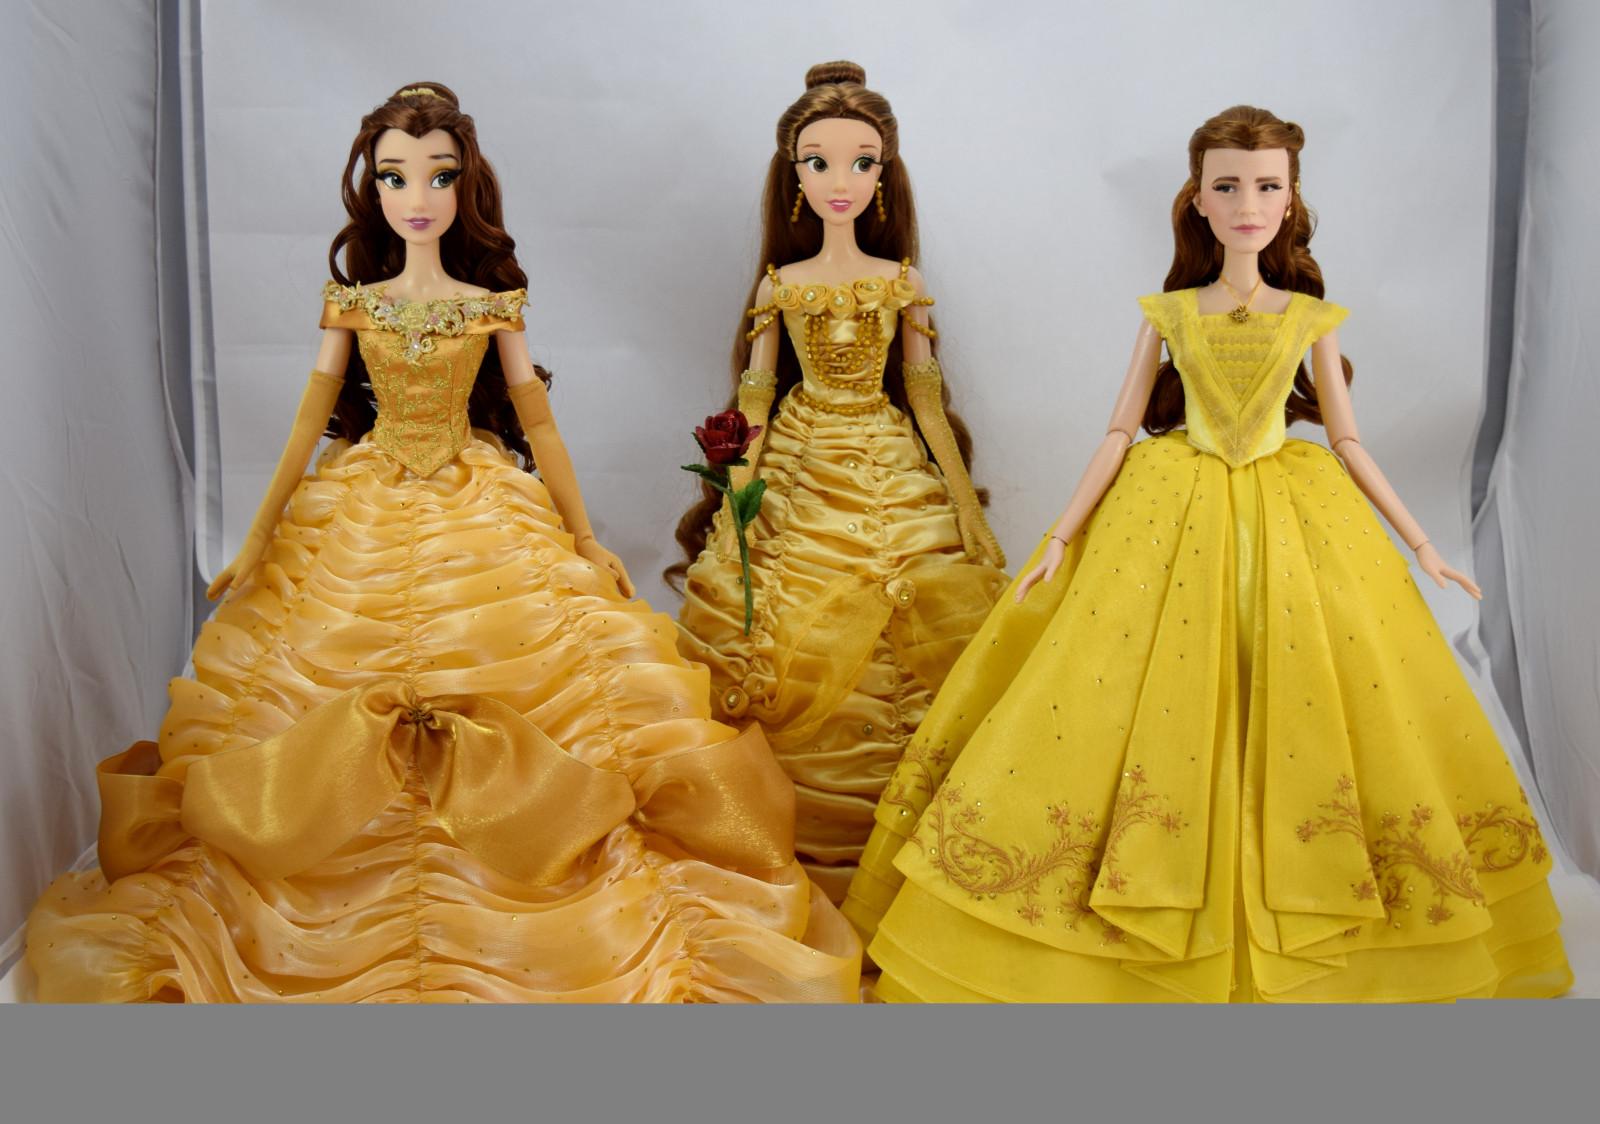 Hintergrundbilder : Kleid, Gelb, Mode, Pfirsich, Hochzeitskleid ...